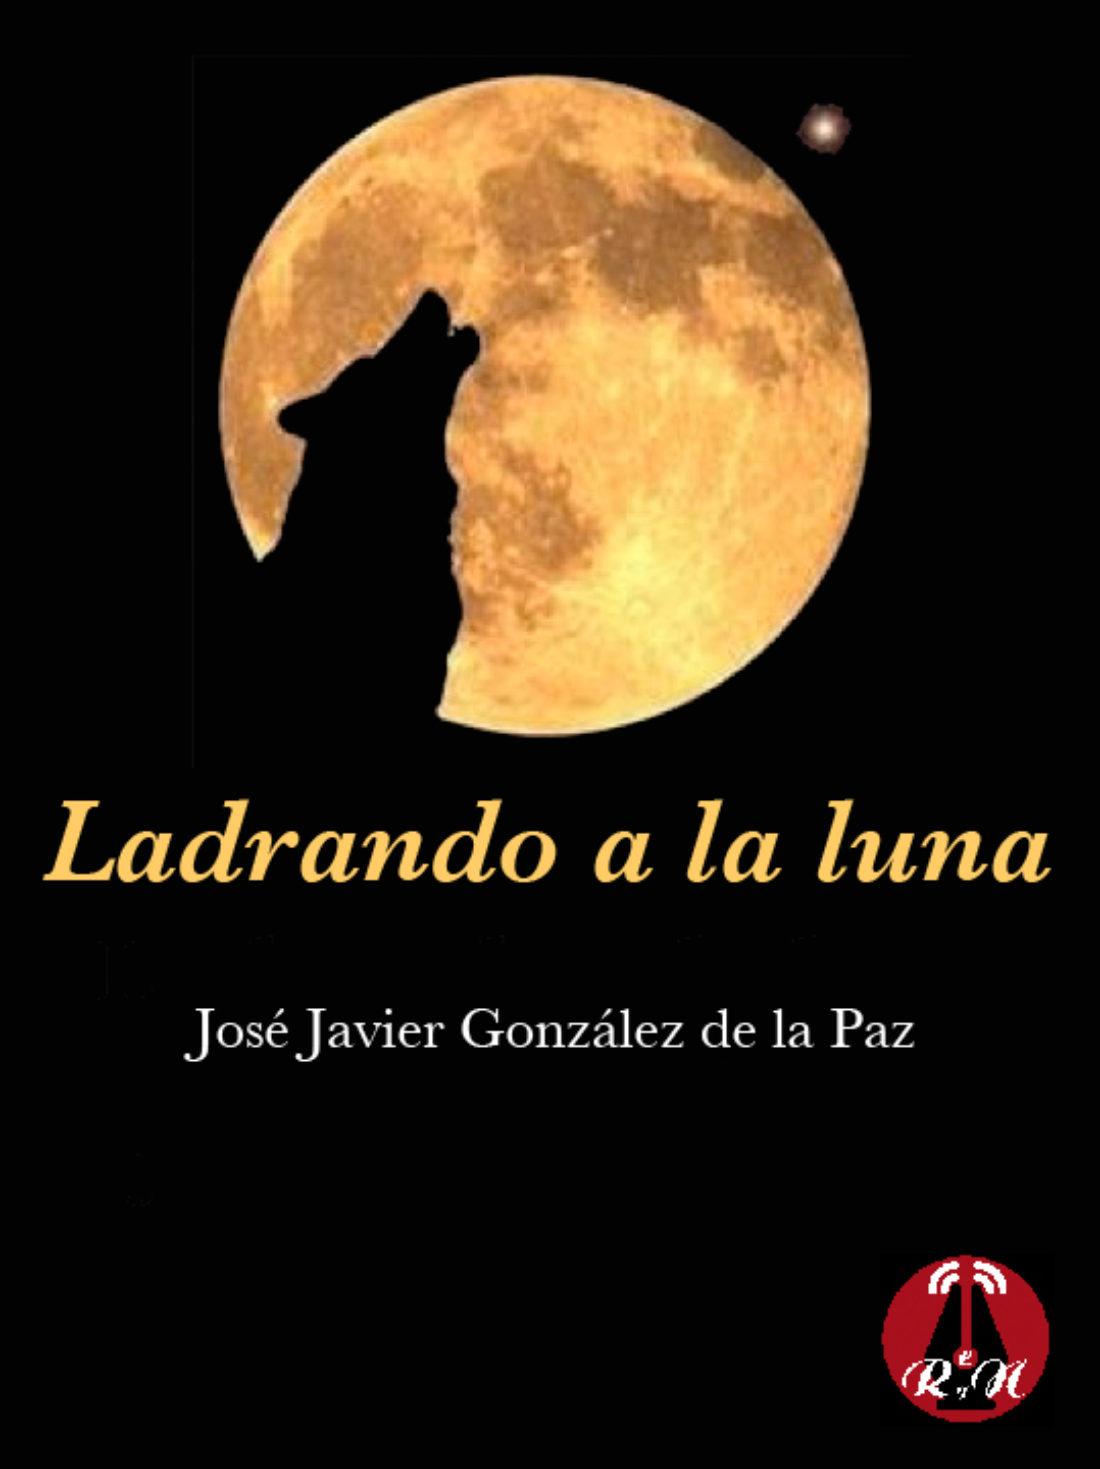 Ladrando a la luna, de  José J. González de la Paz